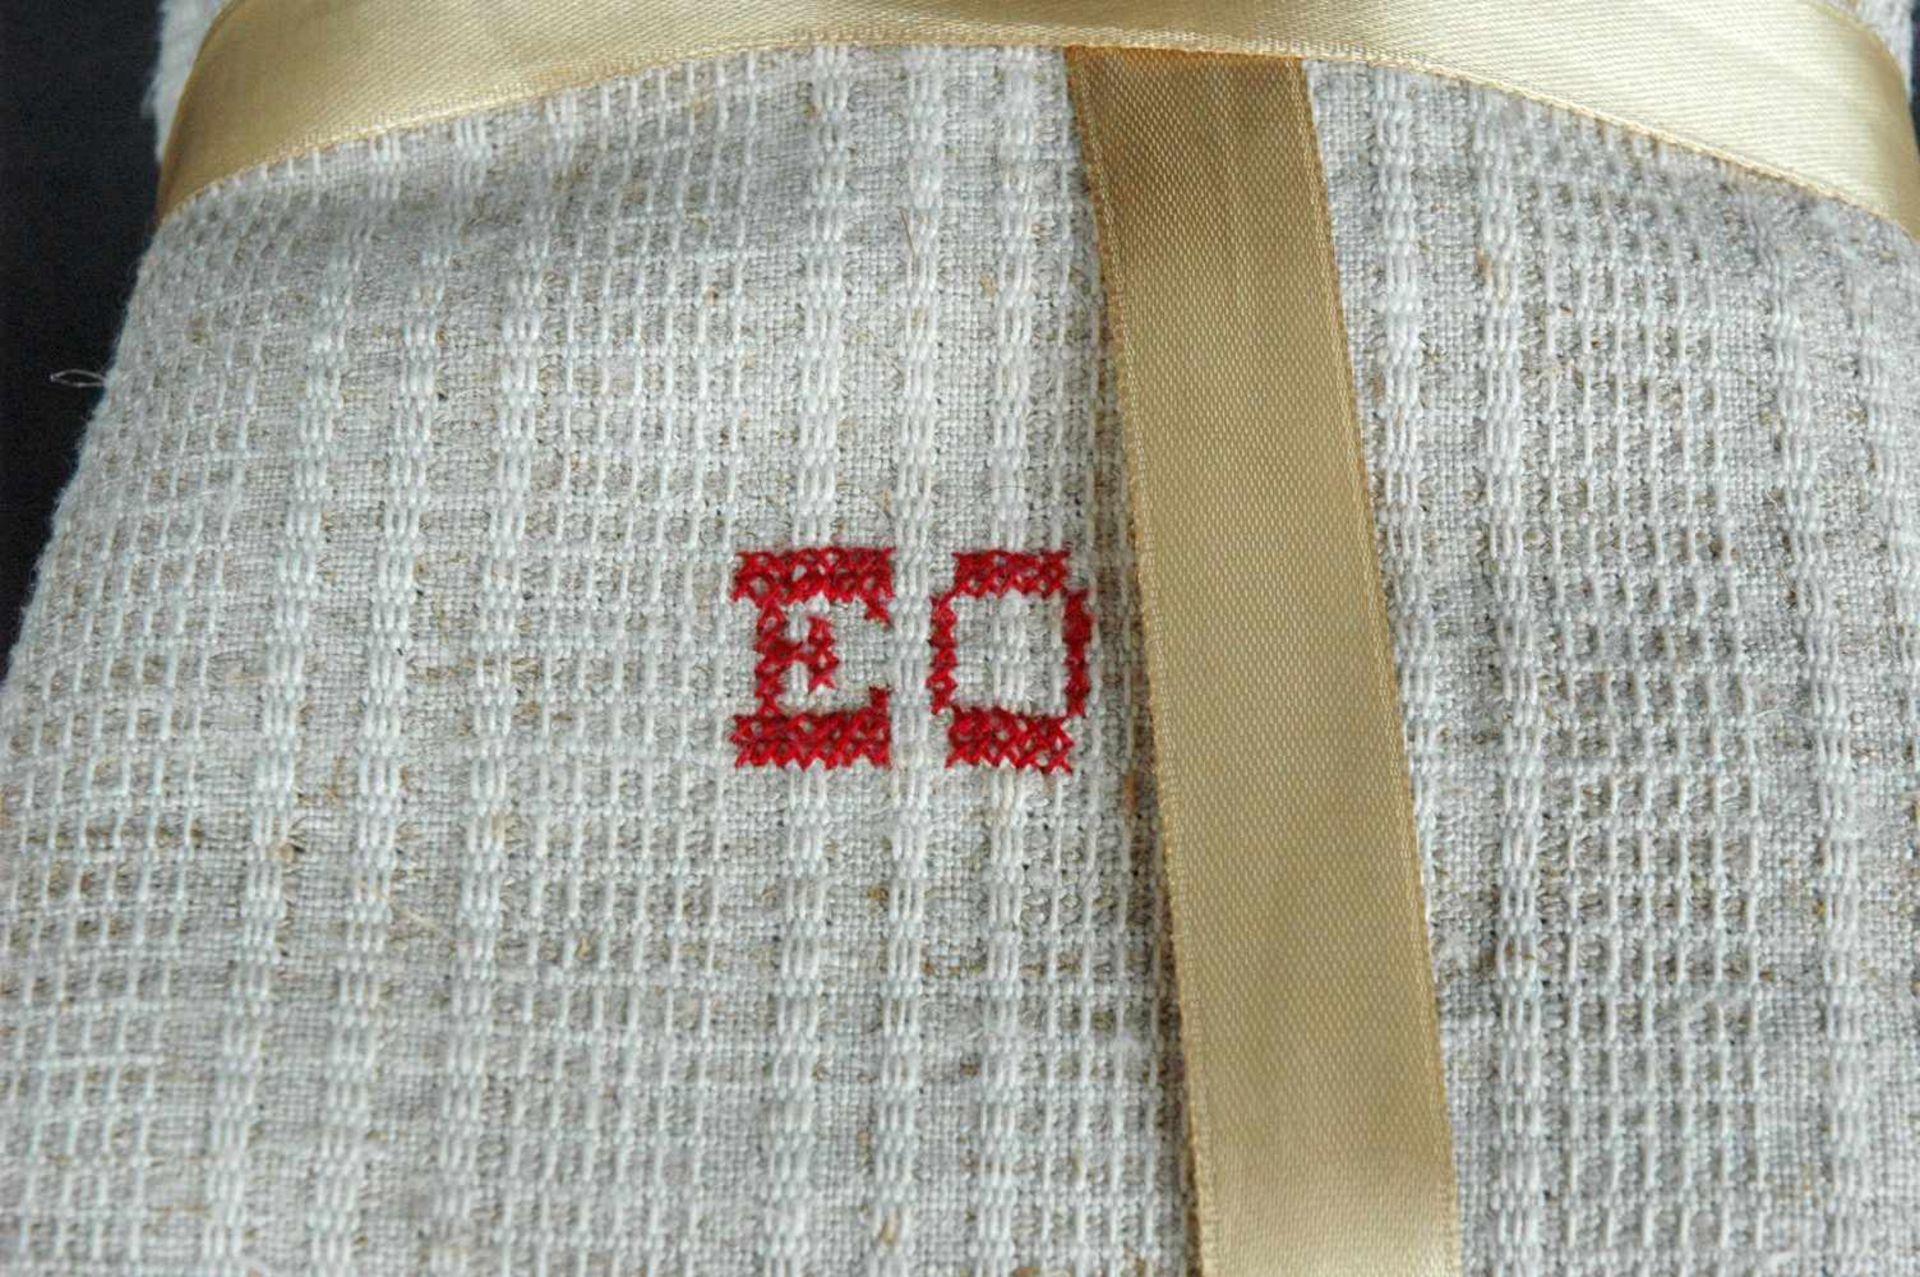 11 Leinen-Handtücher: 6 grobe, rotes Monogramm EO5 feine, Streifen, rotes Monogramm EO - Bild 2 aus 4